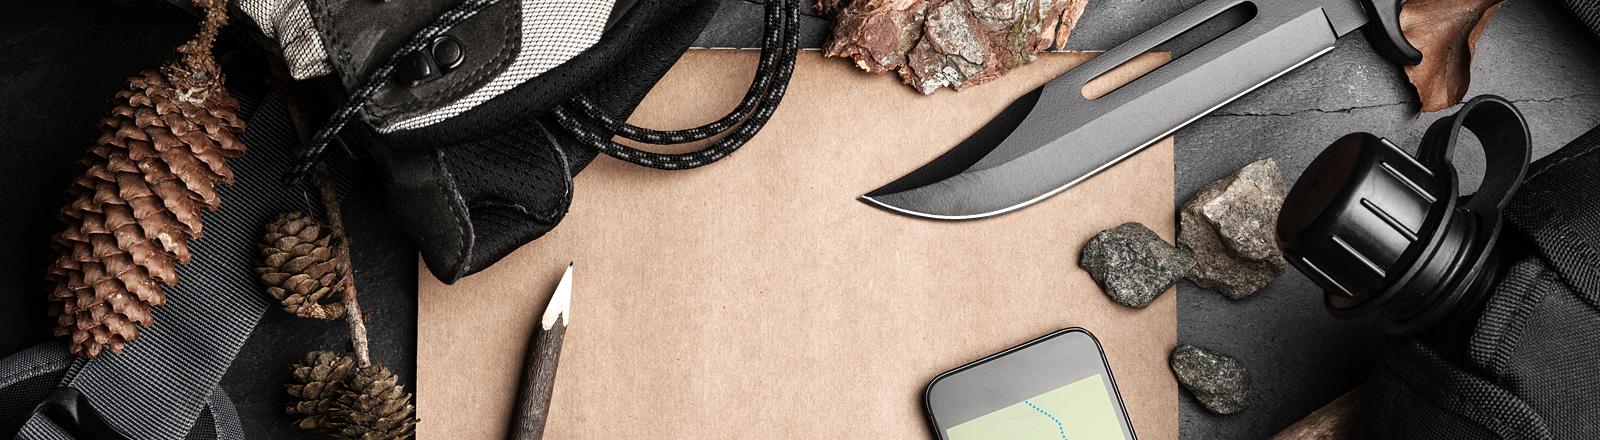 Wanderausrüstung mit Messer, GPS, Handy